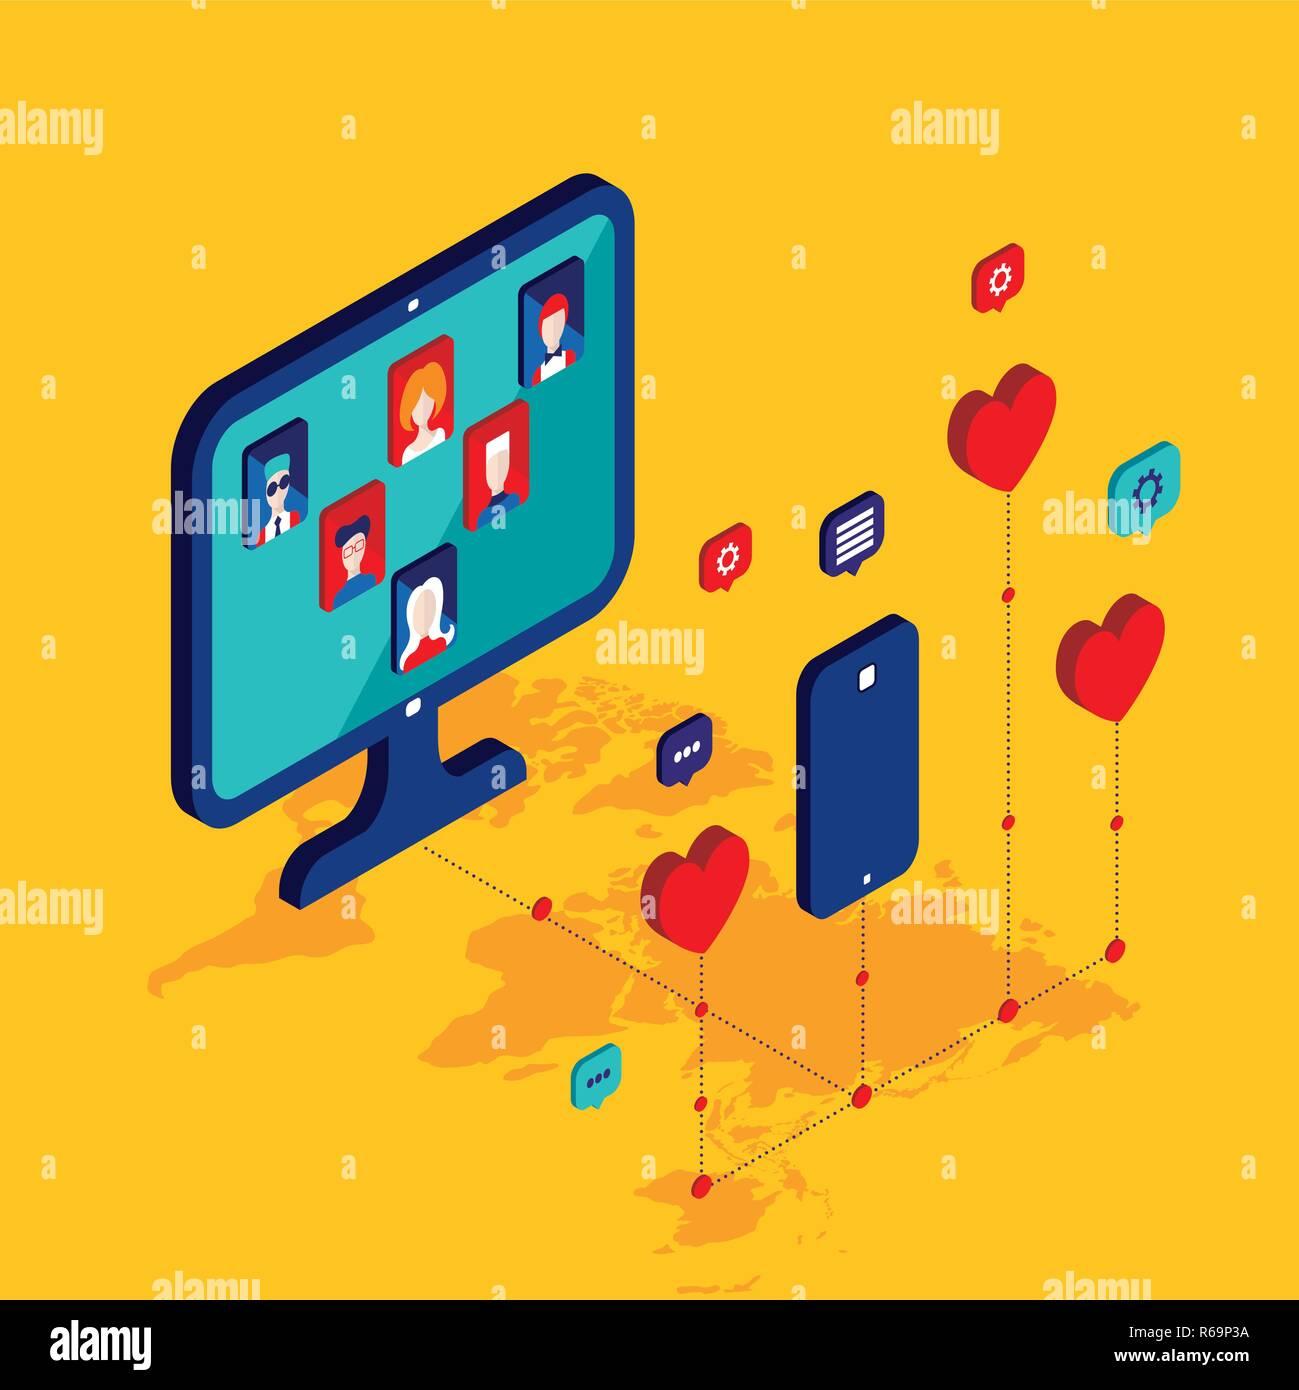 La red social y el concepto de tecnología moderna ilustración vectorial diseño isométrico Plano Ilustración del Vector